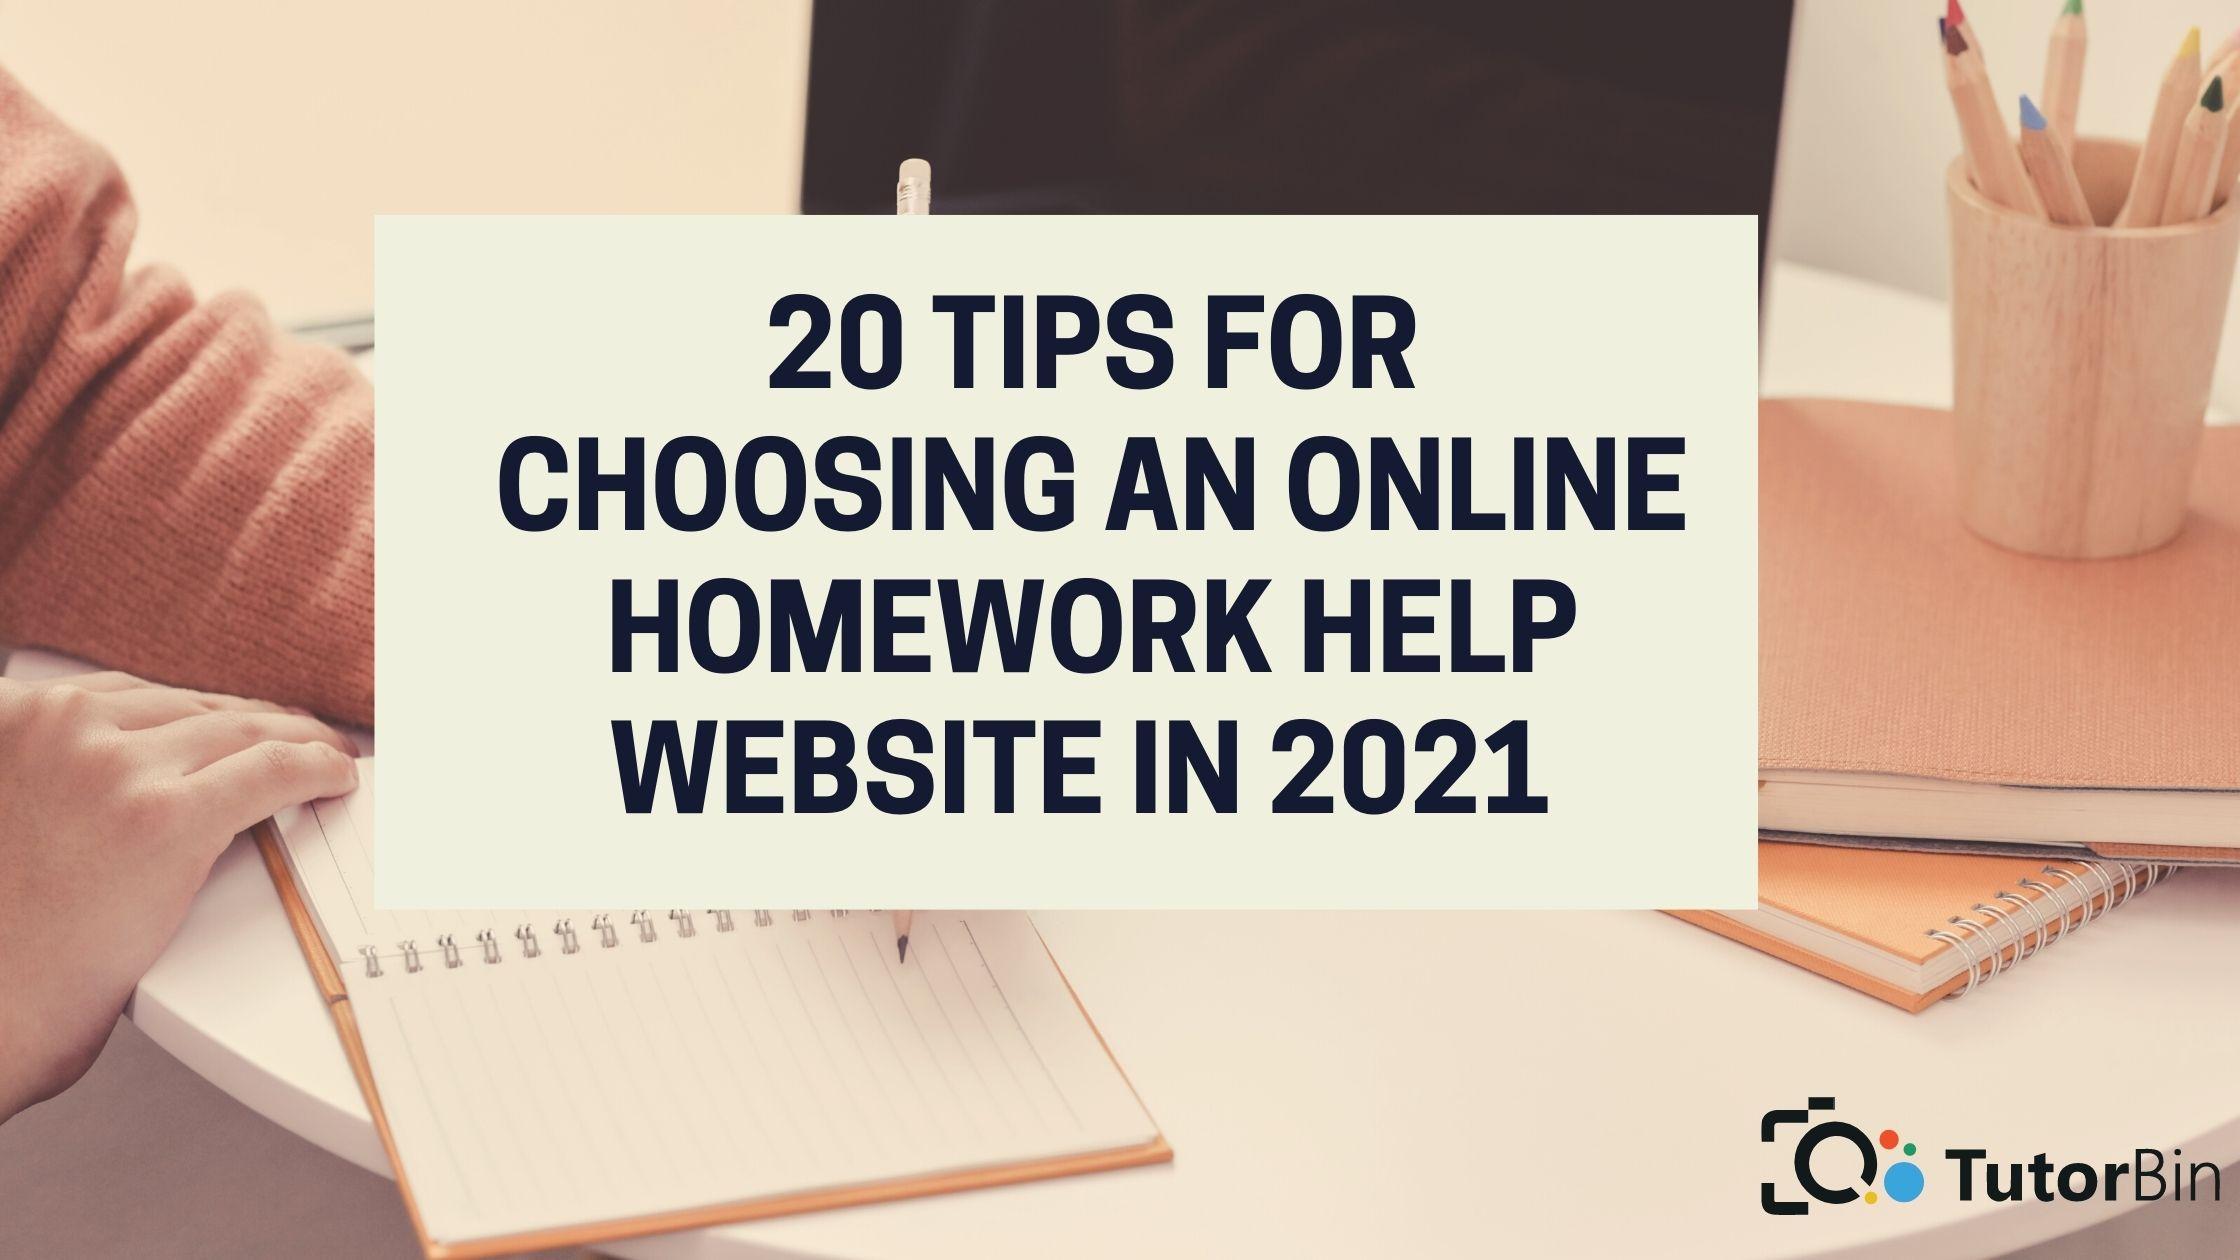 Online homework help website